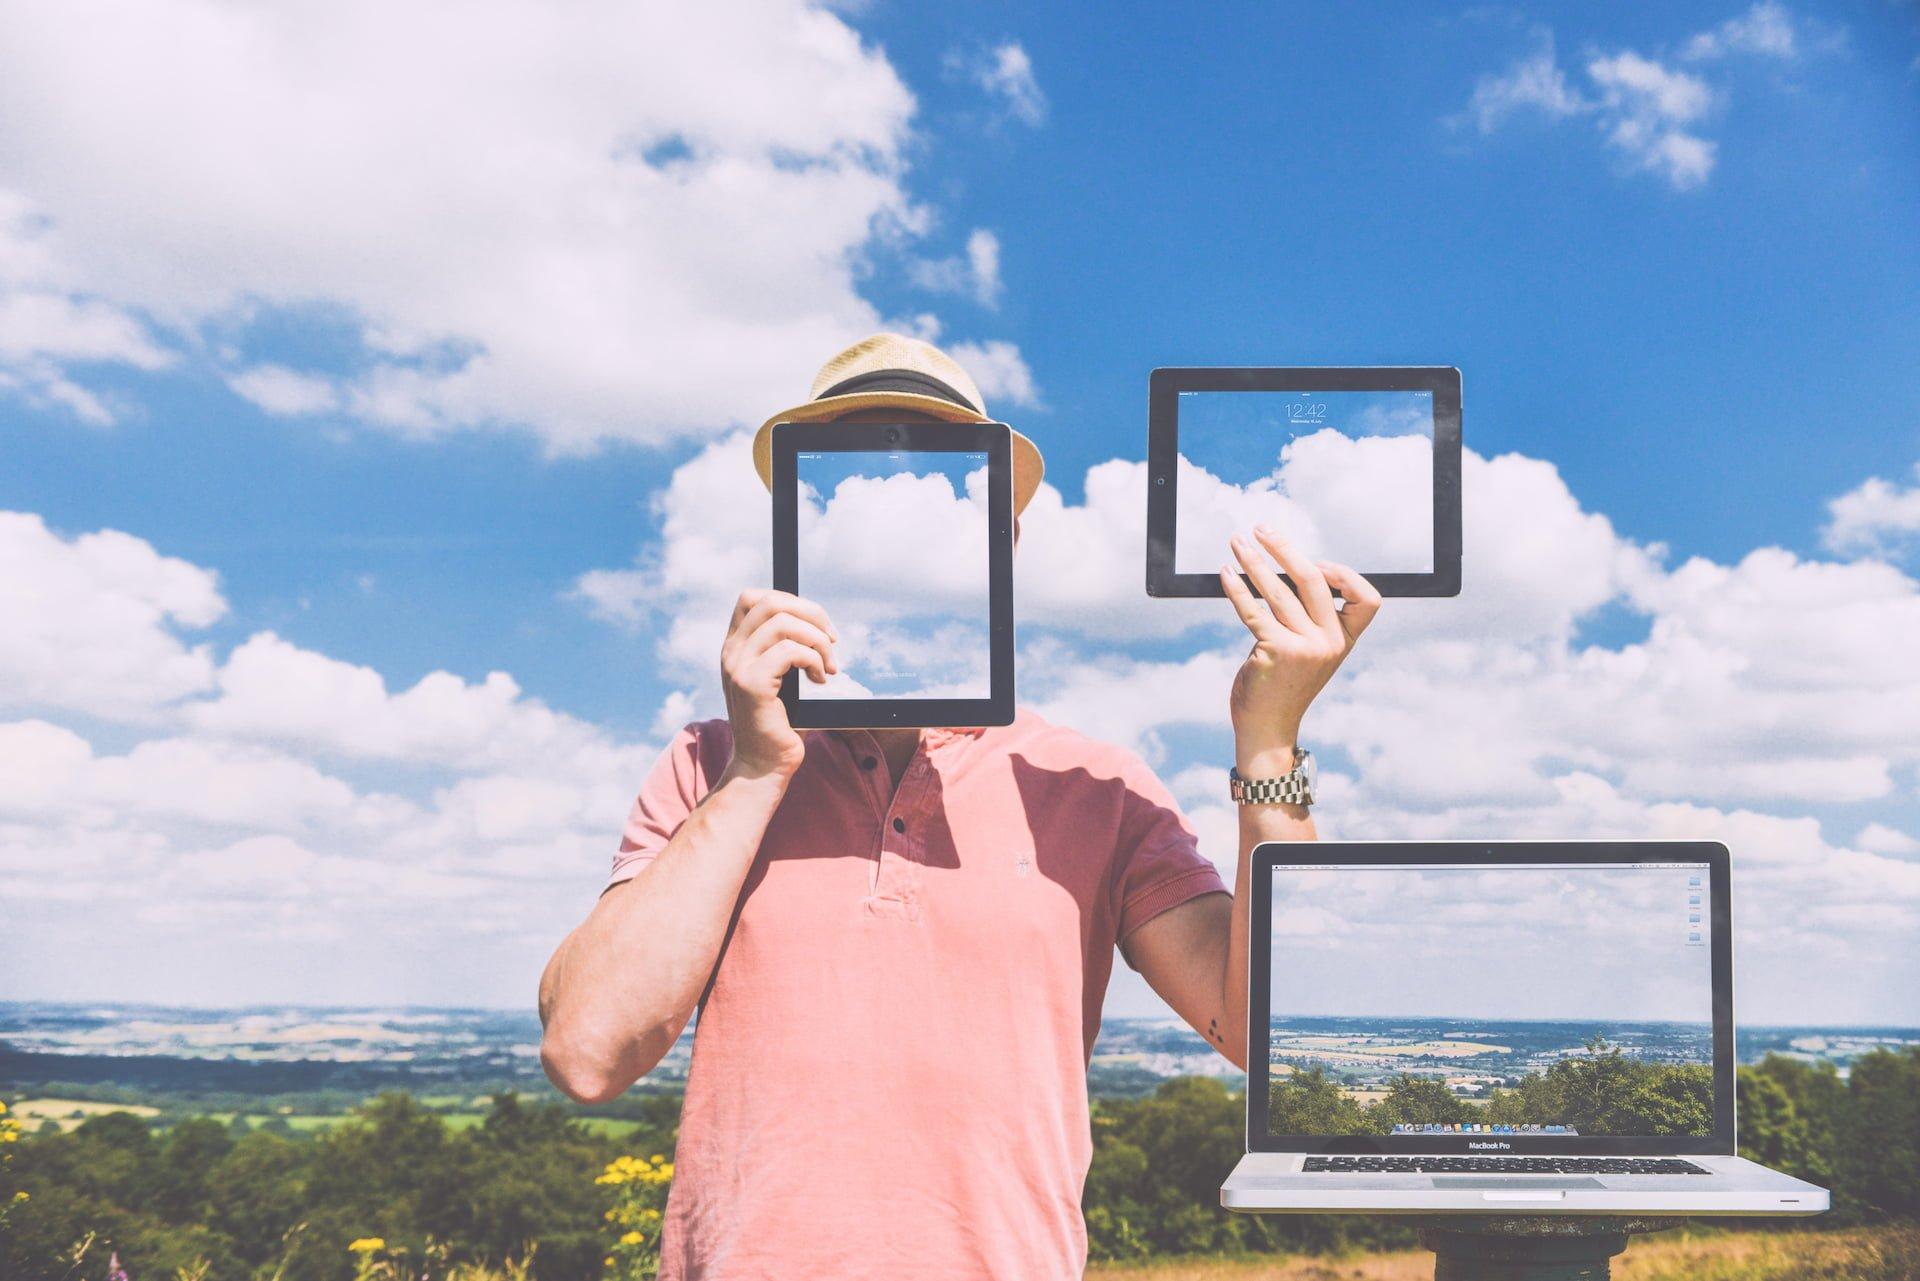 大抉擇|蘋果筆電 Macbook Air/Pro 還是微軟筆電(Mac OS X v.s. Windows)推薦購物分析